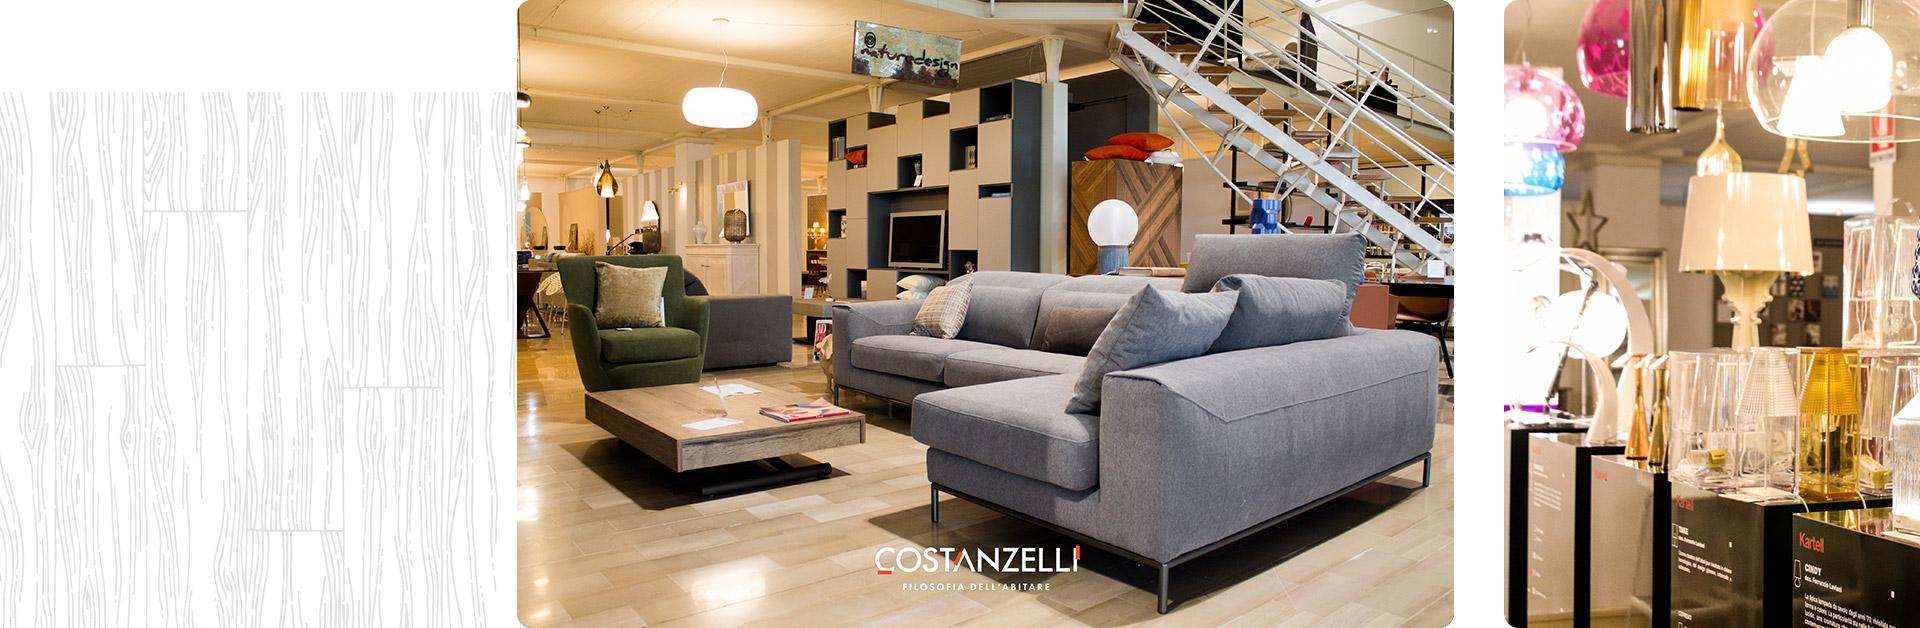 costanzelli_chisiamo-4